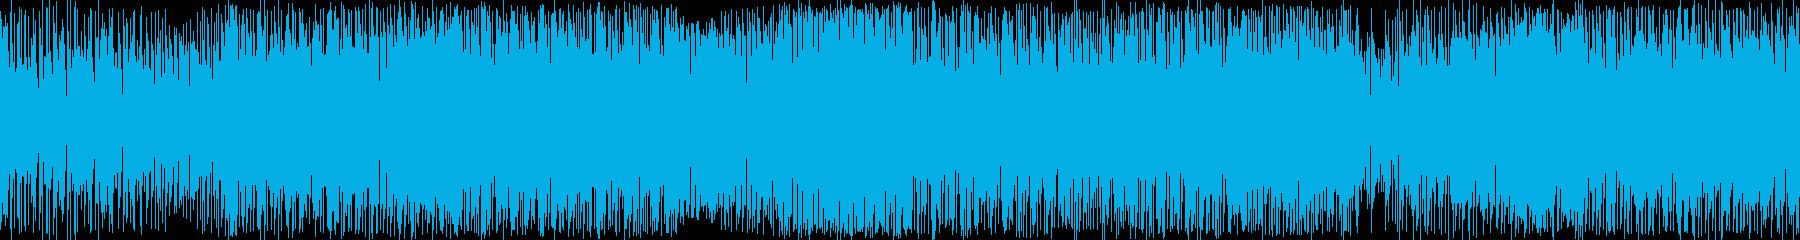 【ループ】疾走感のあるダンスミュージックの再生済みの波形